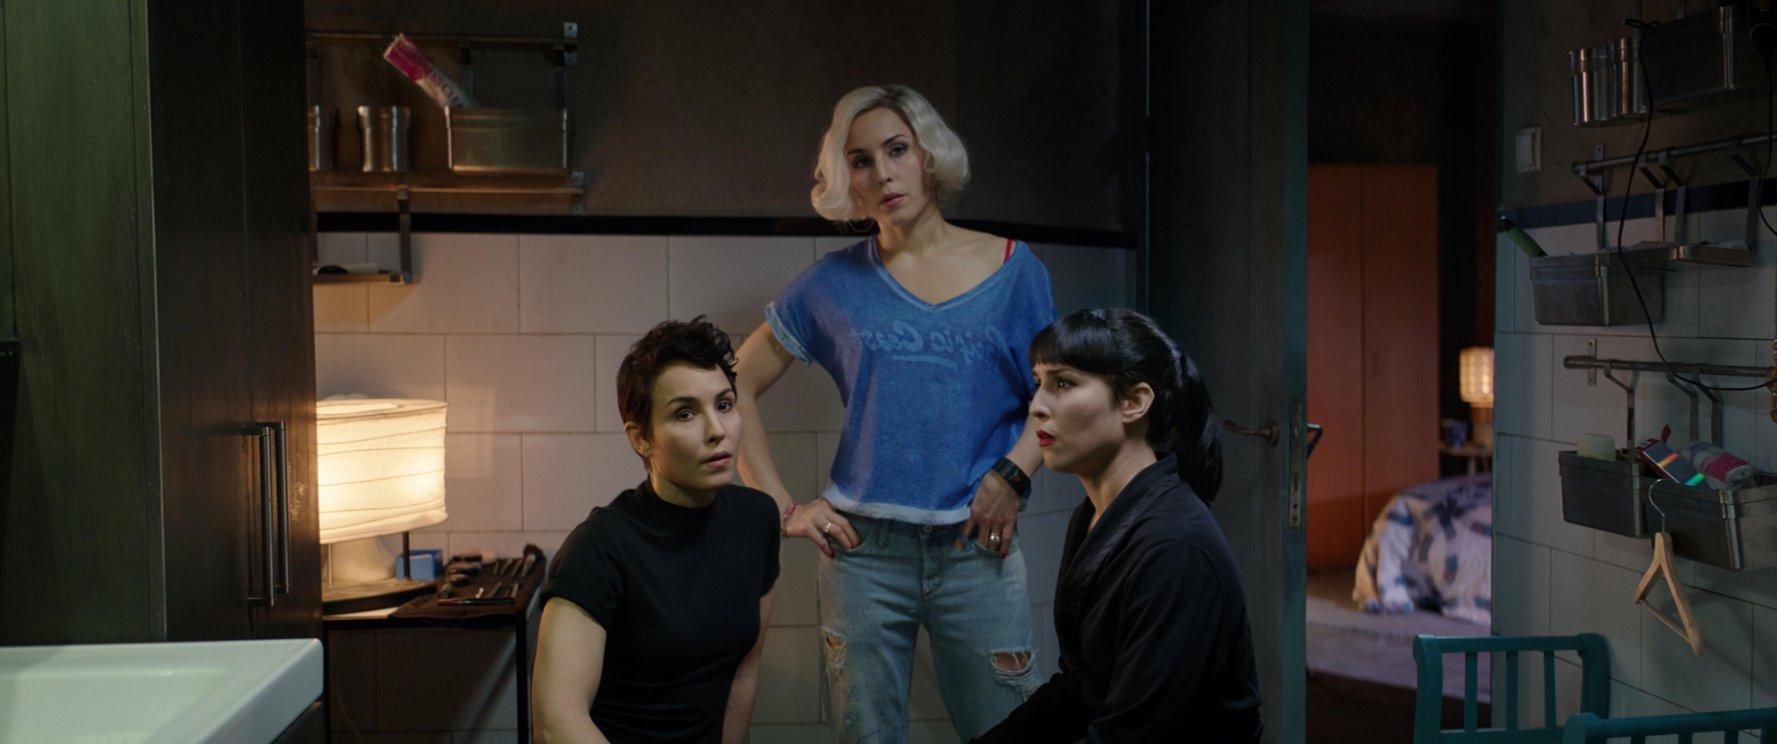 """Noomi Rapace se dio a conocer por su interpretación de Lisbeth Salander en la trilogía """"Los hombres que no amaban a las mujeres""""."""